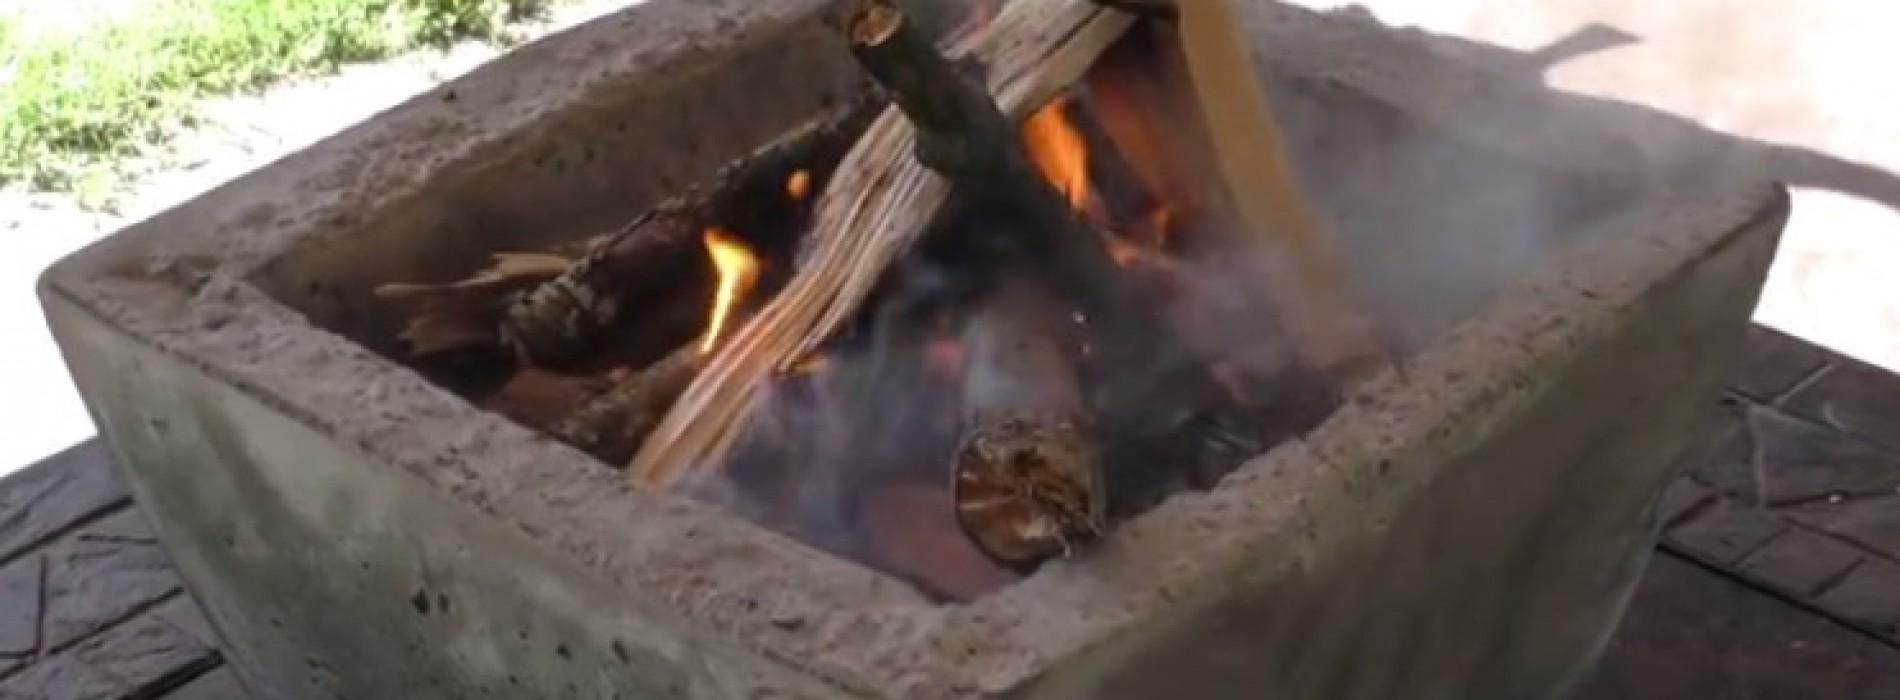 Maak zelf je eigen vuurkorf op deze manier!